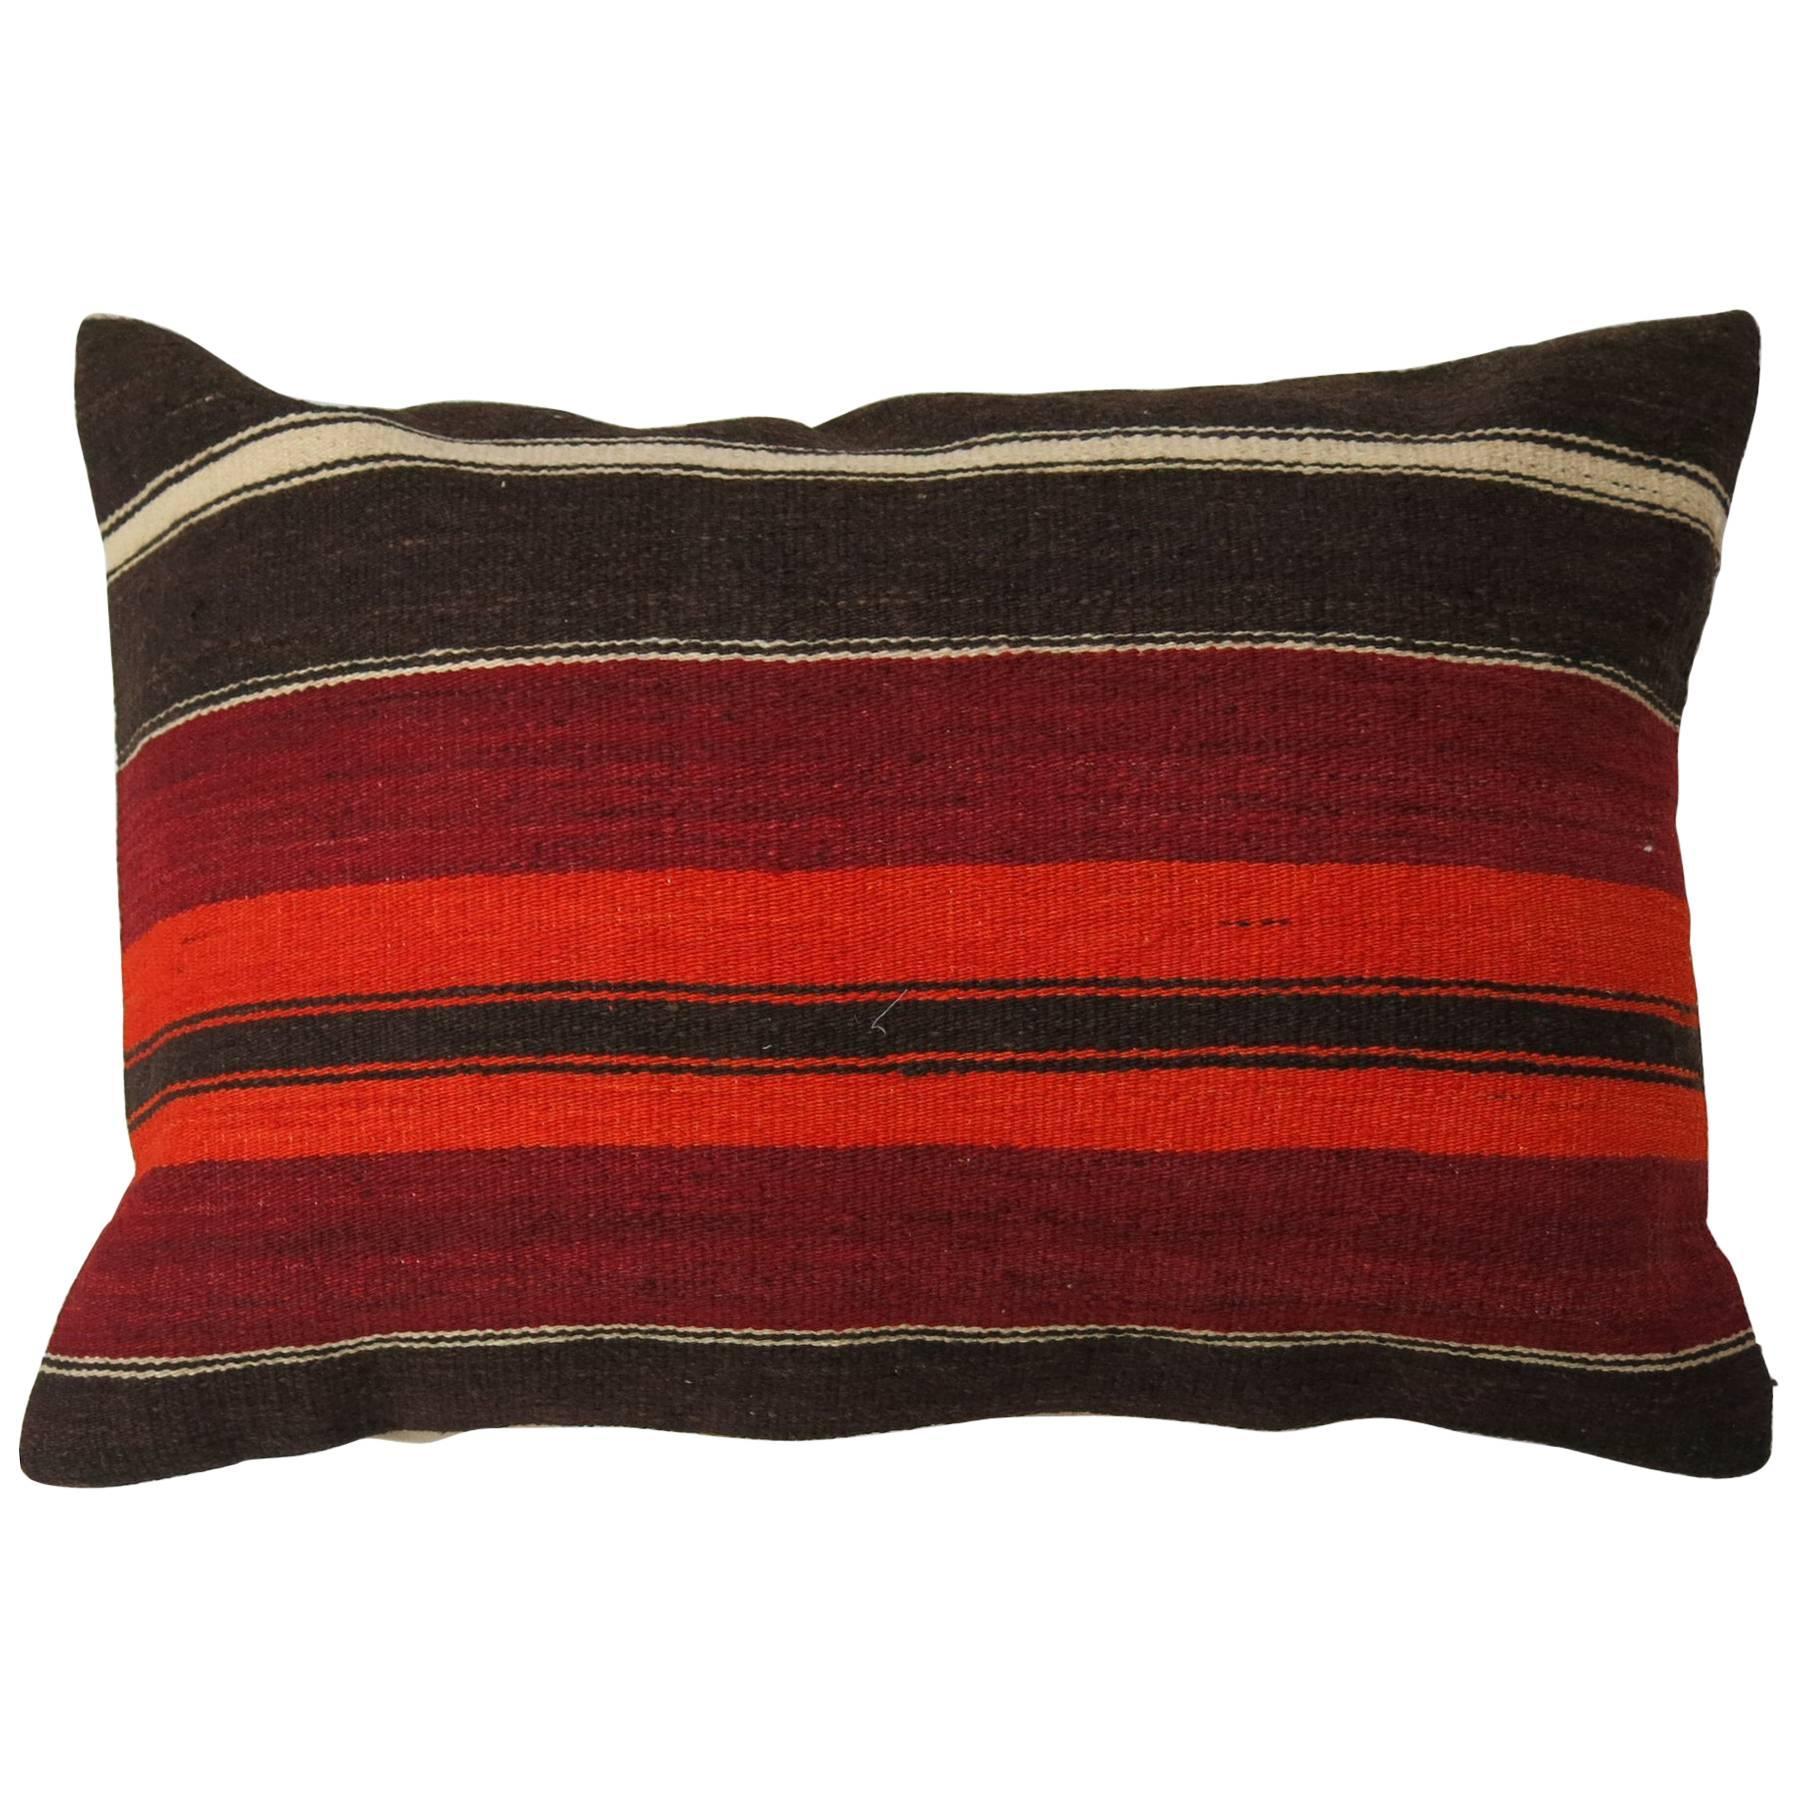 Large Turkish Kilim Pillow